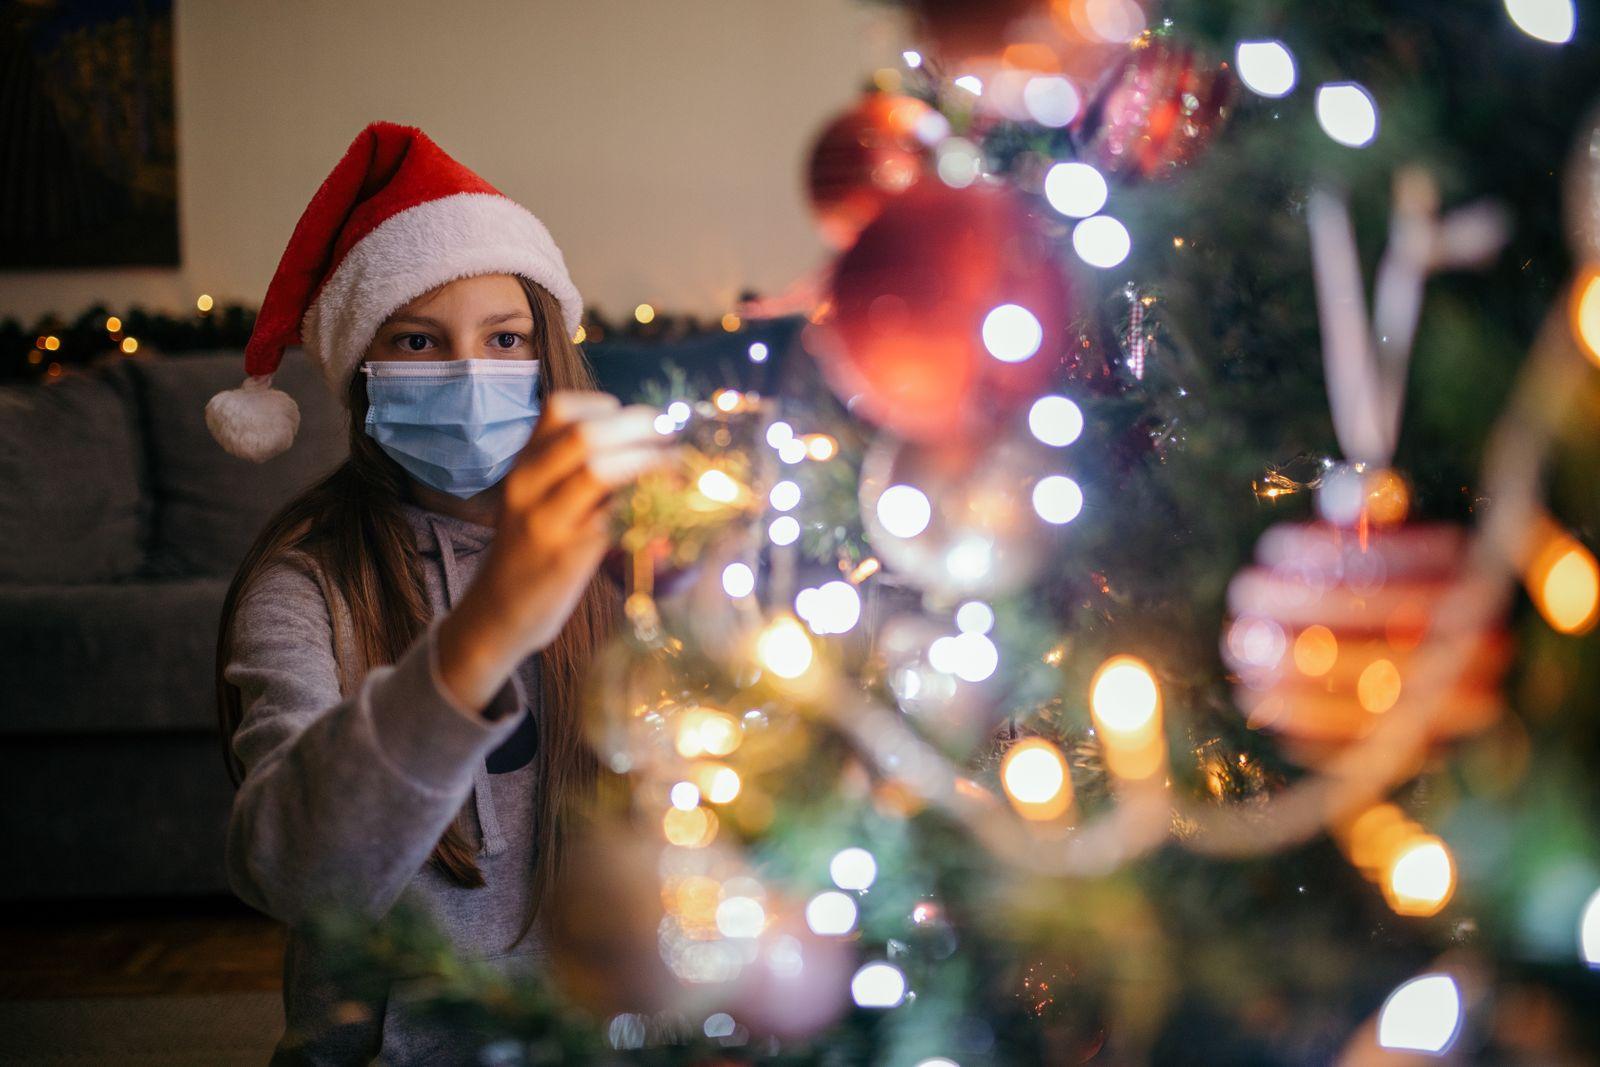 New Year's Eve - Corona virus